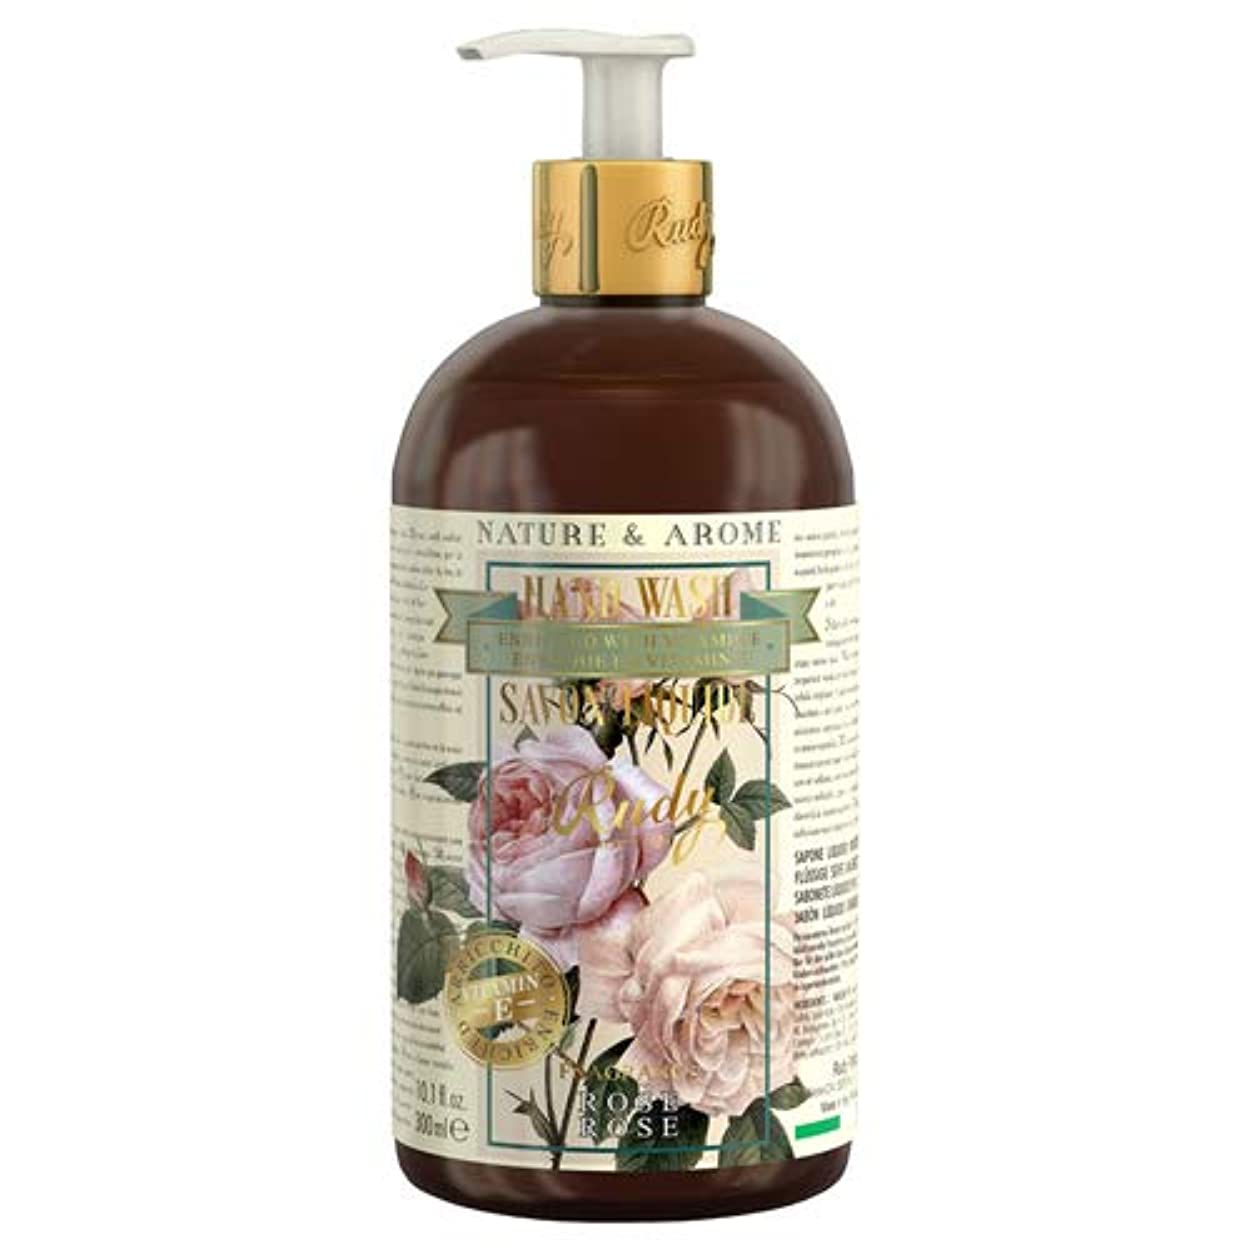 RUDY Nature&Arome Apothecary ネイチャーアロマ アポセカリー Hand Wash ハンドウォッシュ(ボディソープ) Rose ローズ